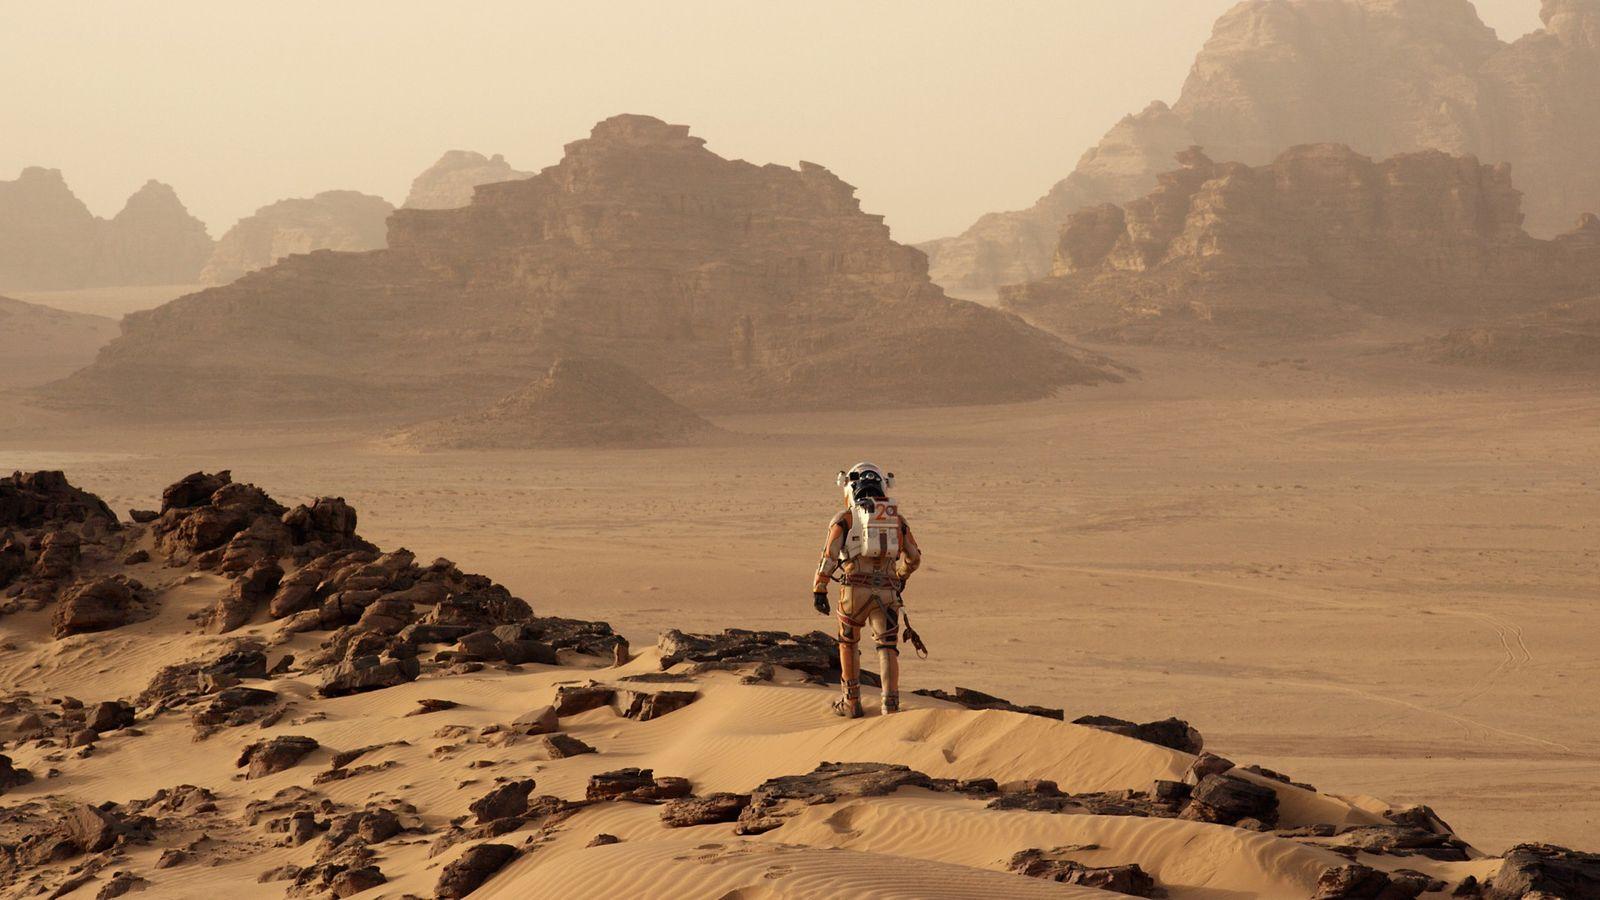 Den Mars verlassen